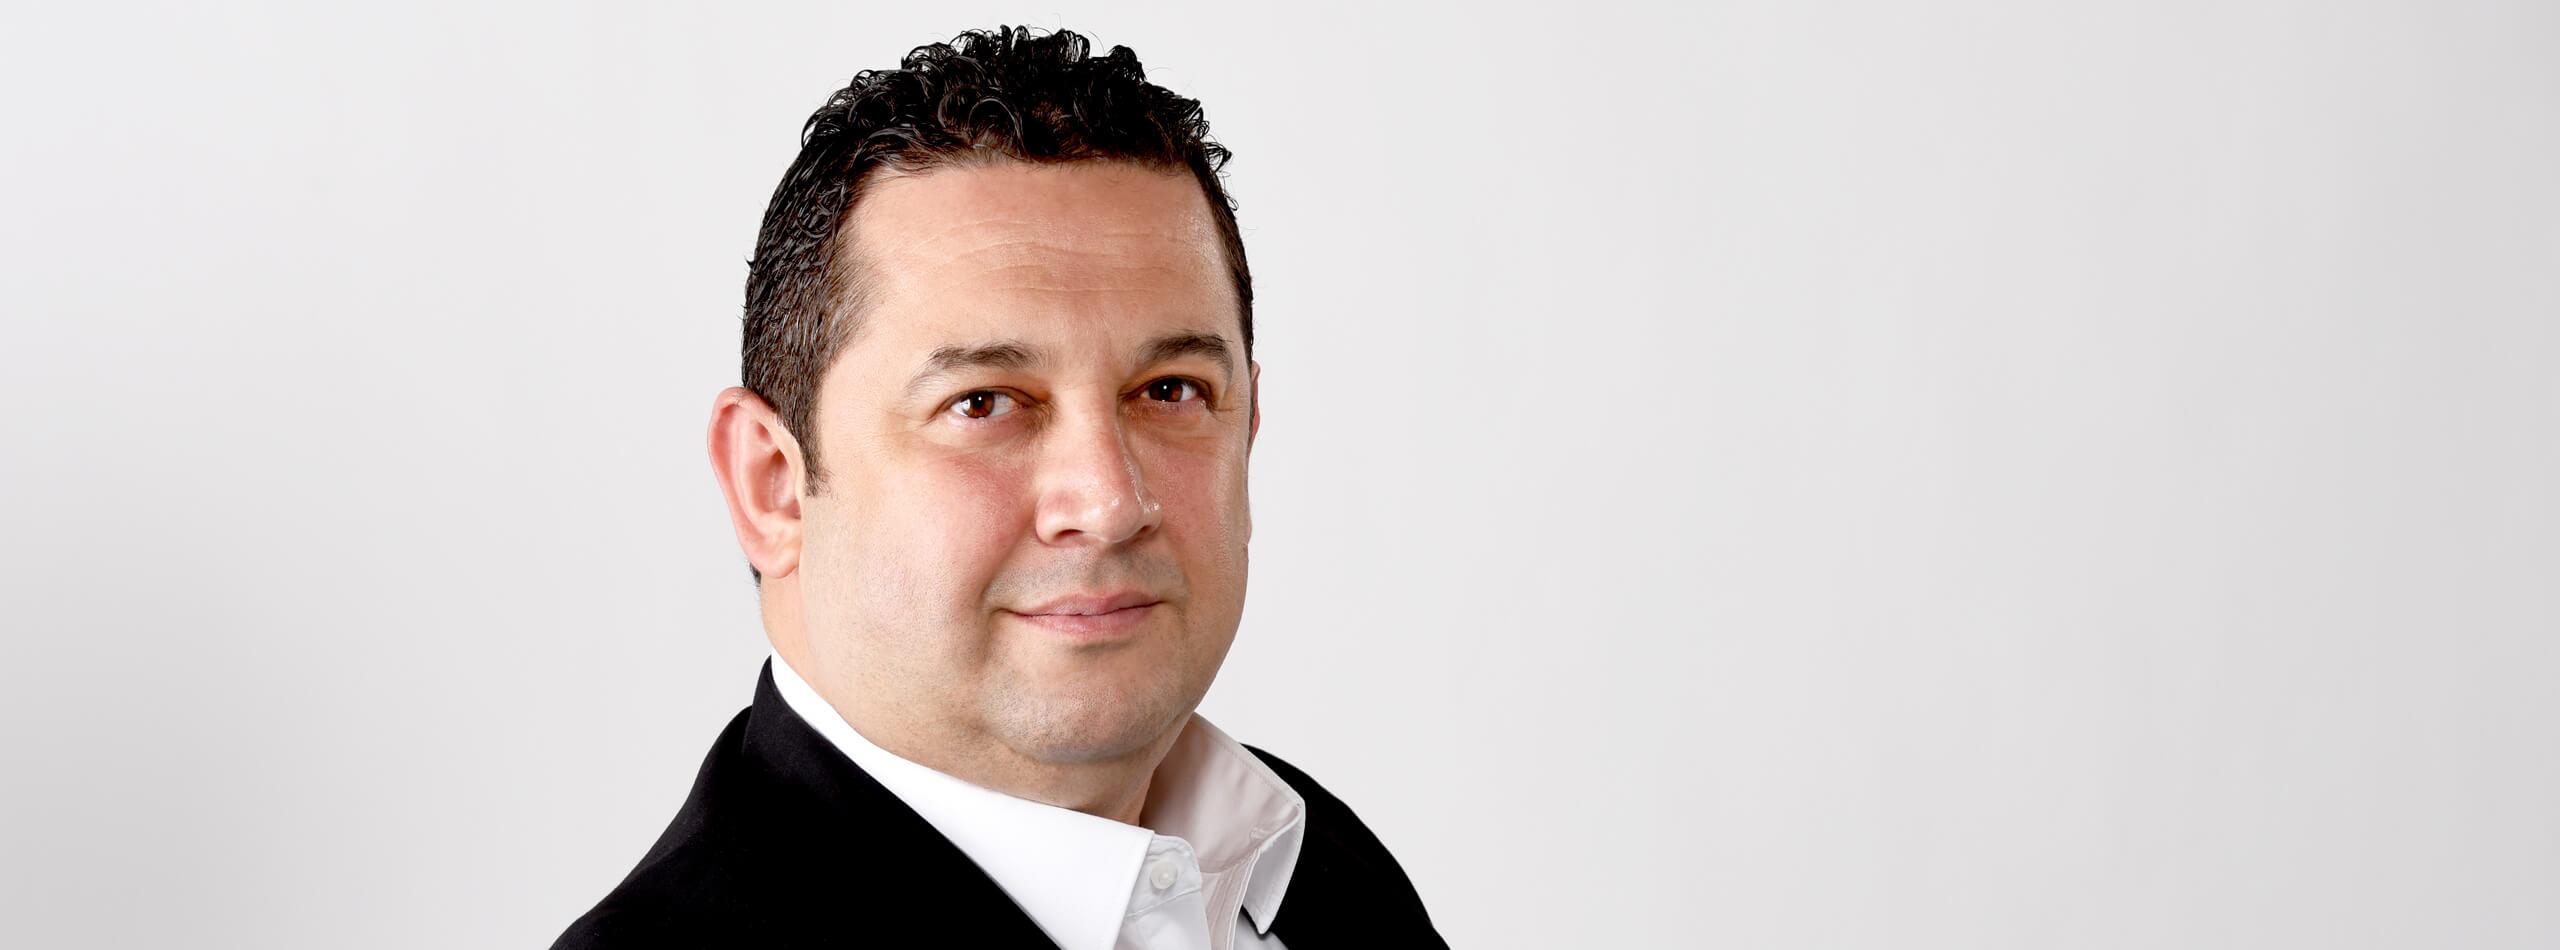 NDigitec CEO - Vatche Kavlakian